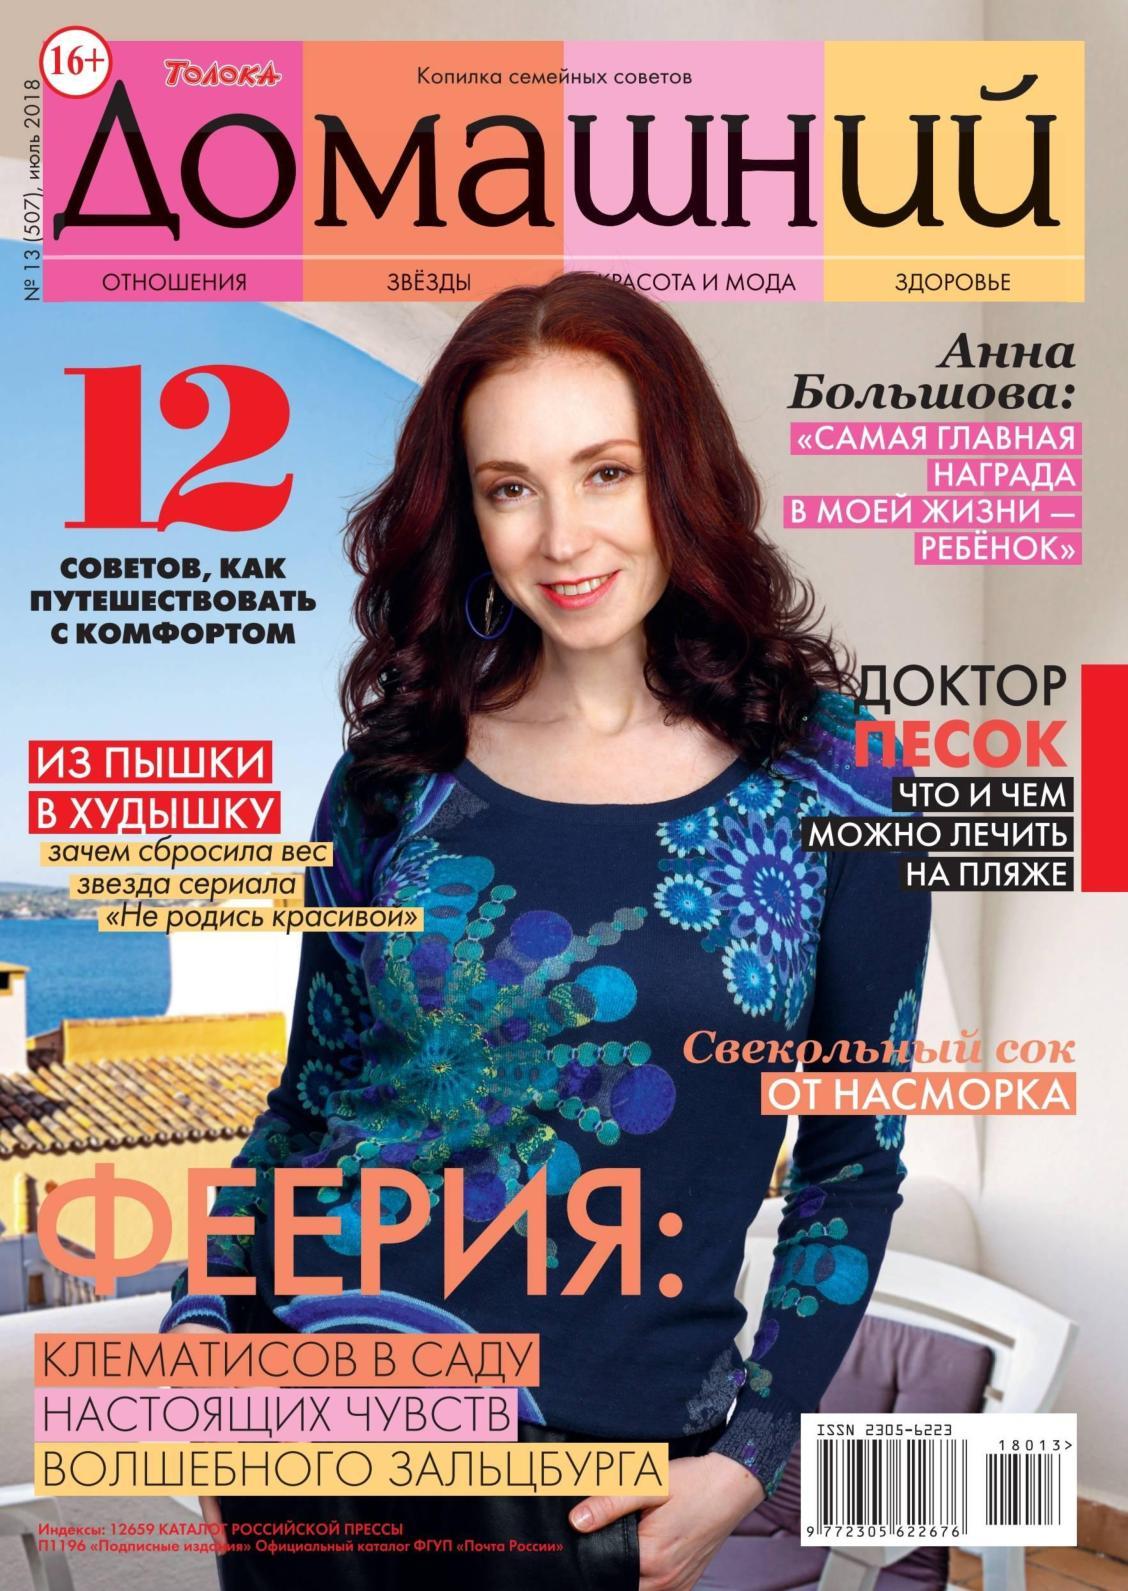 Маска из меда и соды для лица, Блог Алёны Кравченко